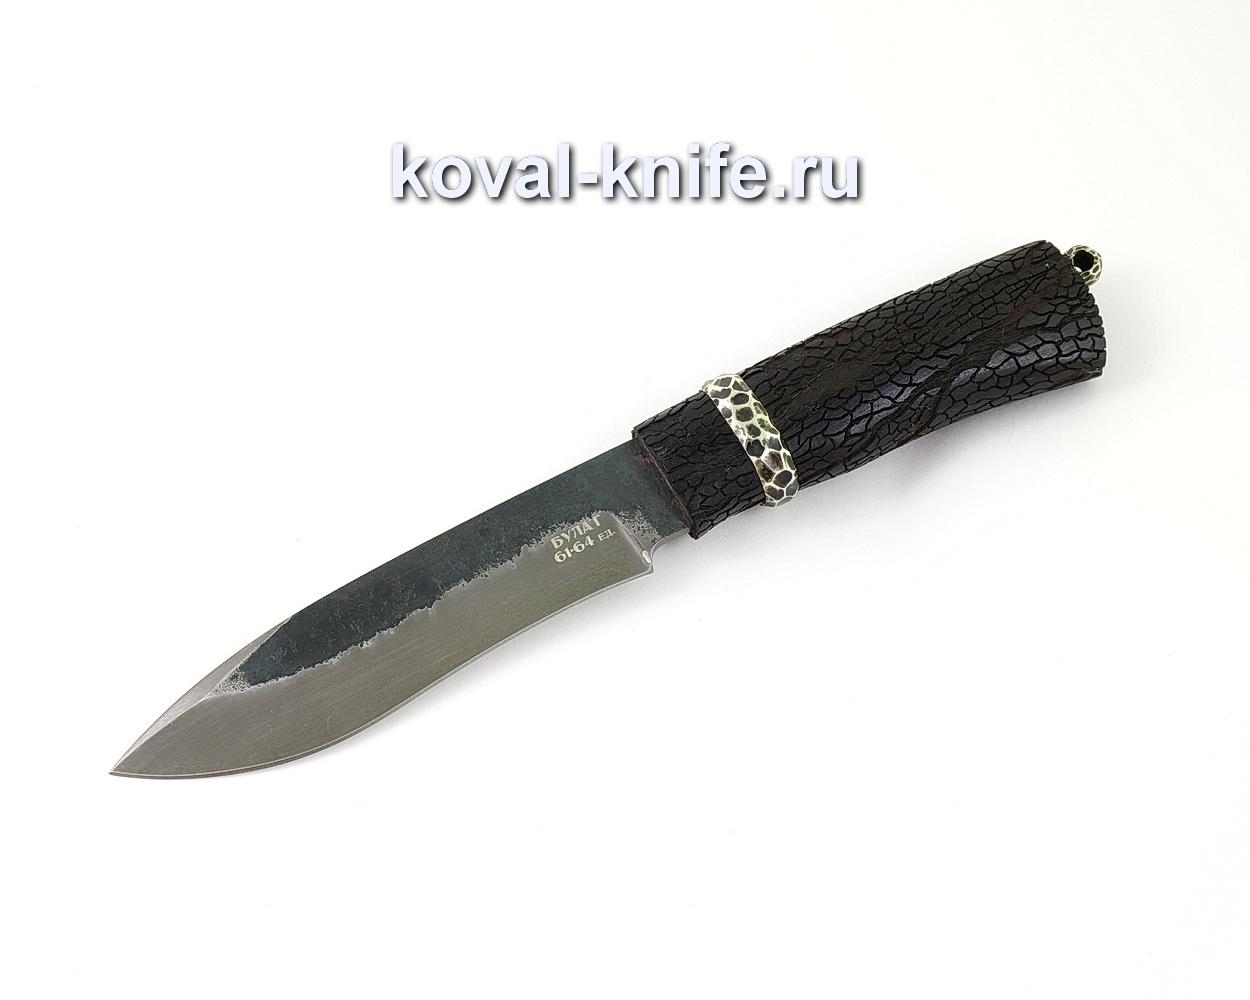 Нож из булатной стали Орлан (Легированный булат, рукоять из граба с резьбой, мельхиор)